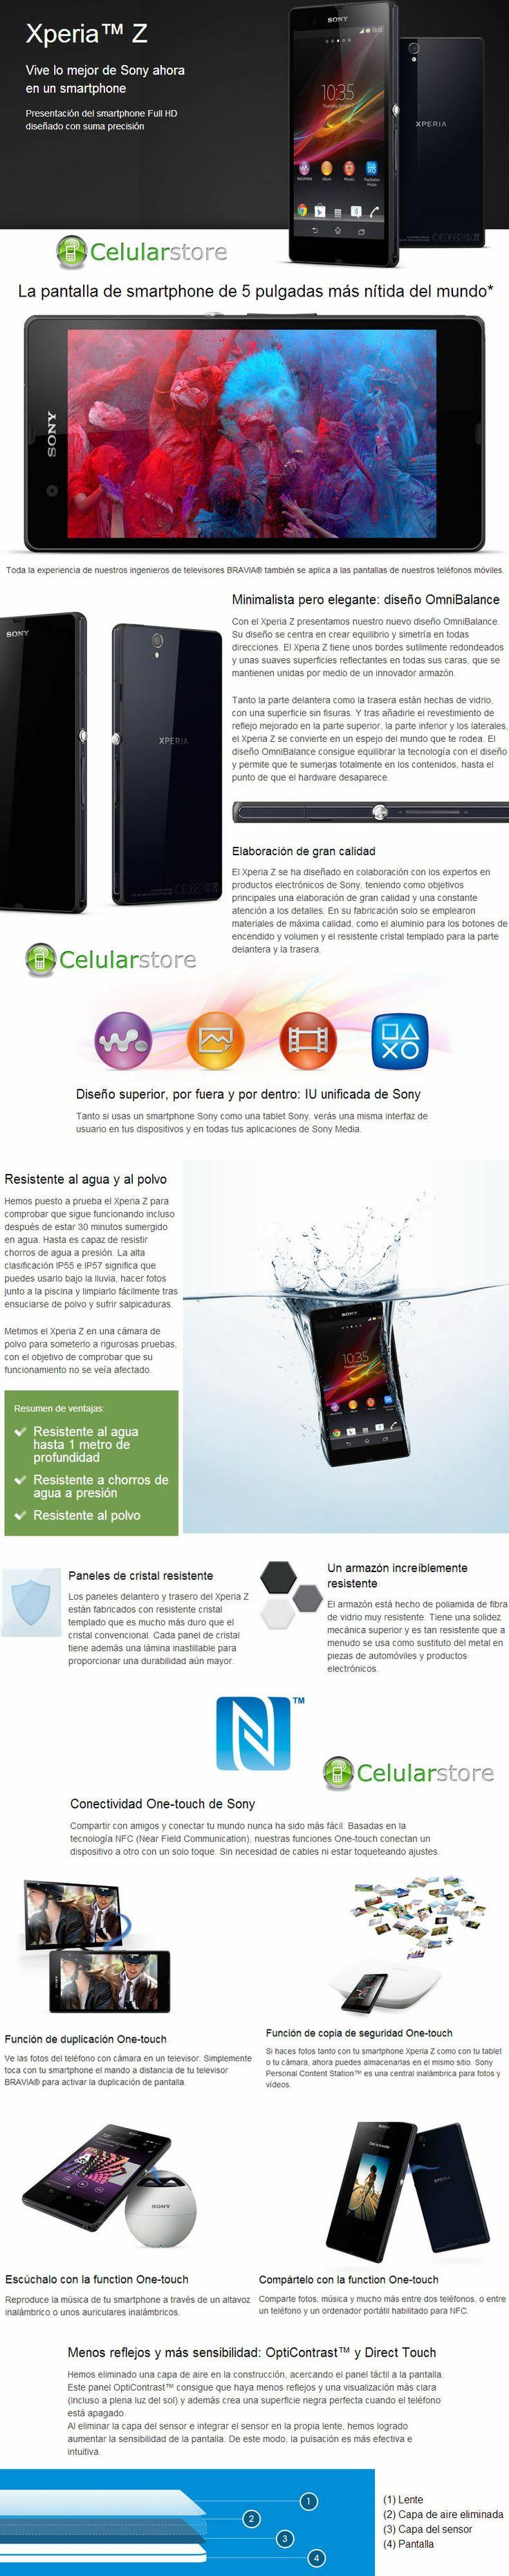 Comprar Sony Xperia Z Blanco resistente al agua y polvo en argentina